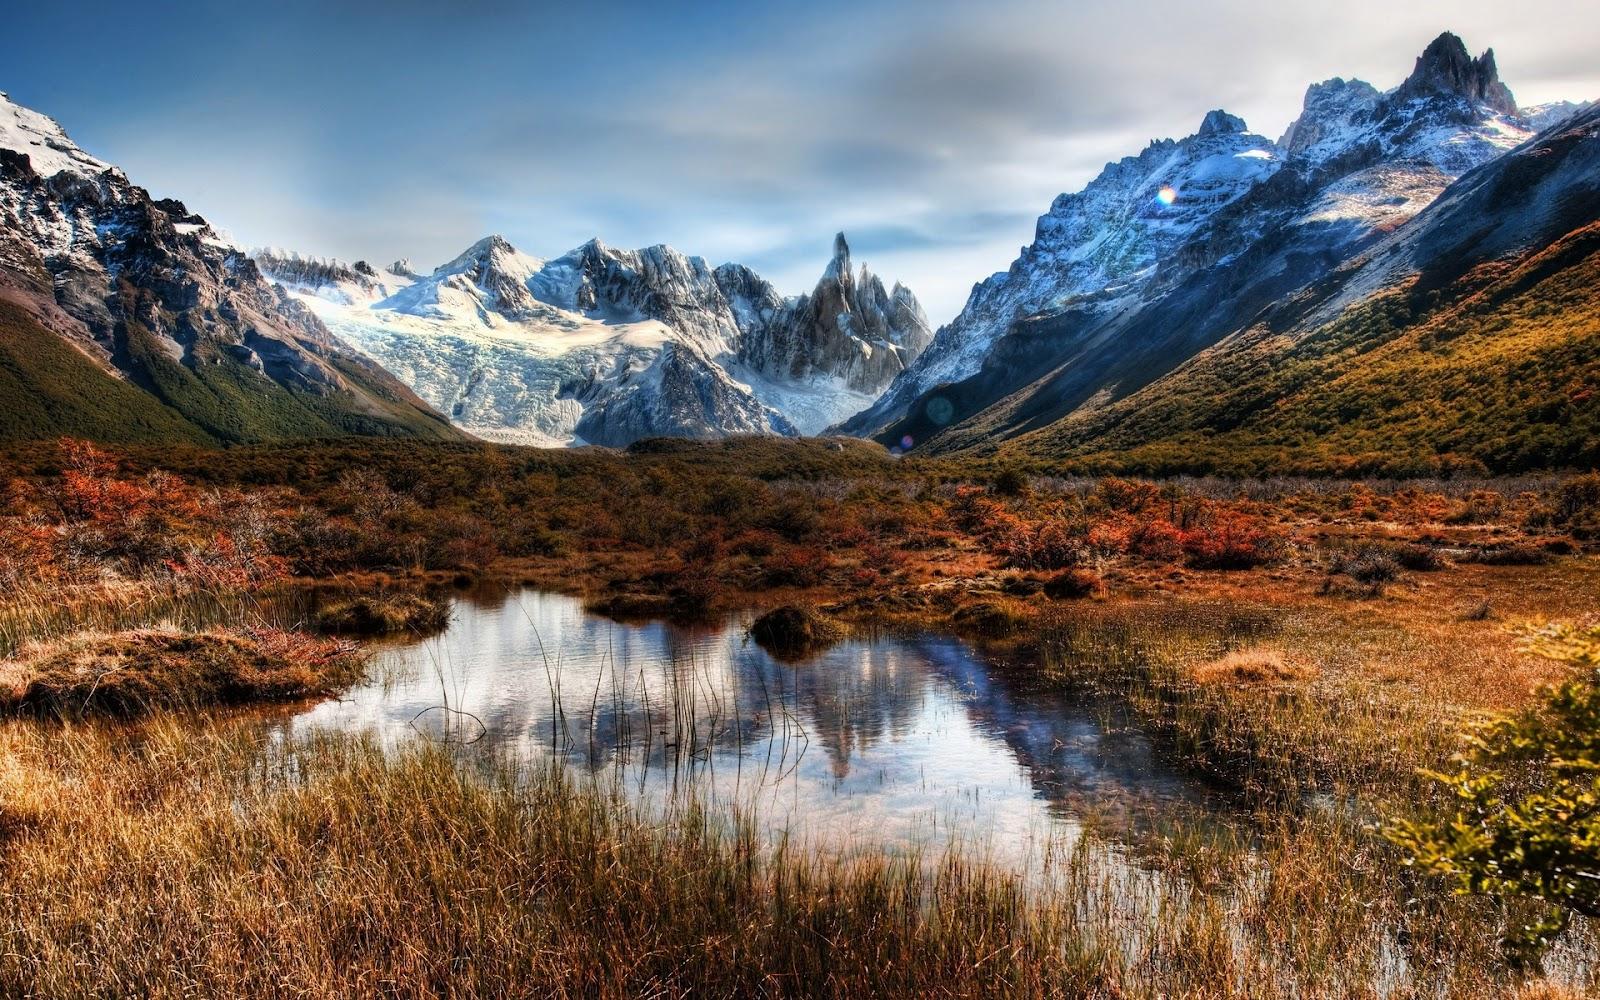 http://2.bp.blogspot.com/-eiMwsgM6uAo/T2DZlRrSG6I/AAAAAAAAWhQ/wk_X-n9fCQU/s1600/Paisajes-Naturales-HDR-HD_02.jpg